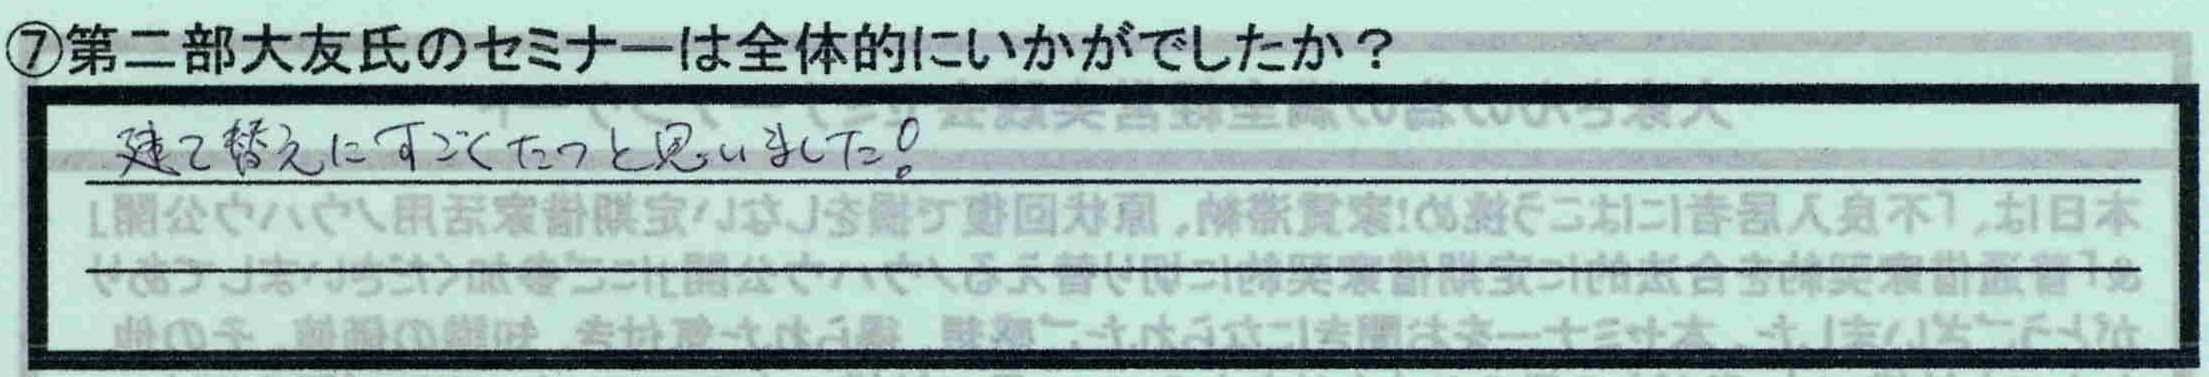 【東京都板橋区】【【木村正明さん】【二部感想】